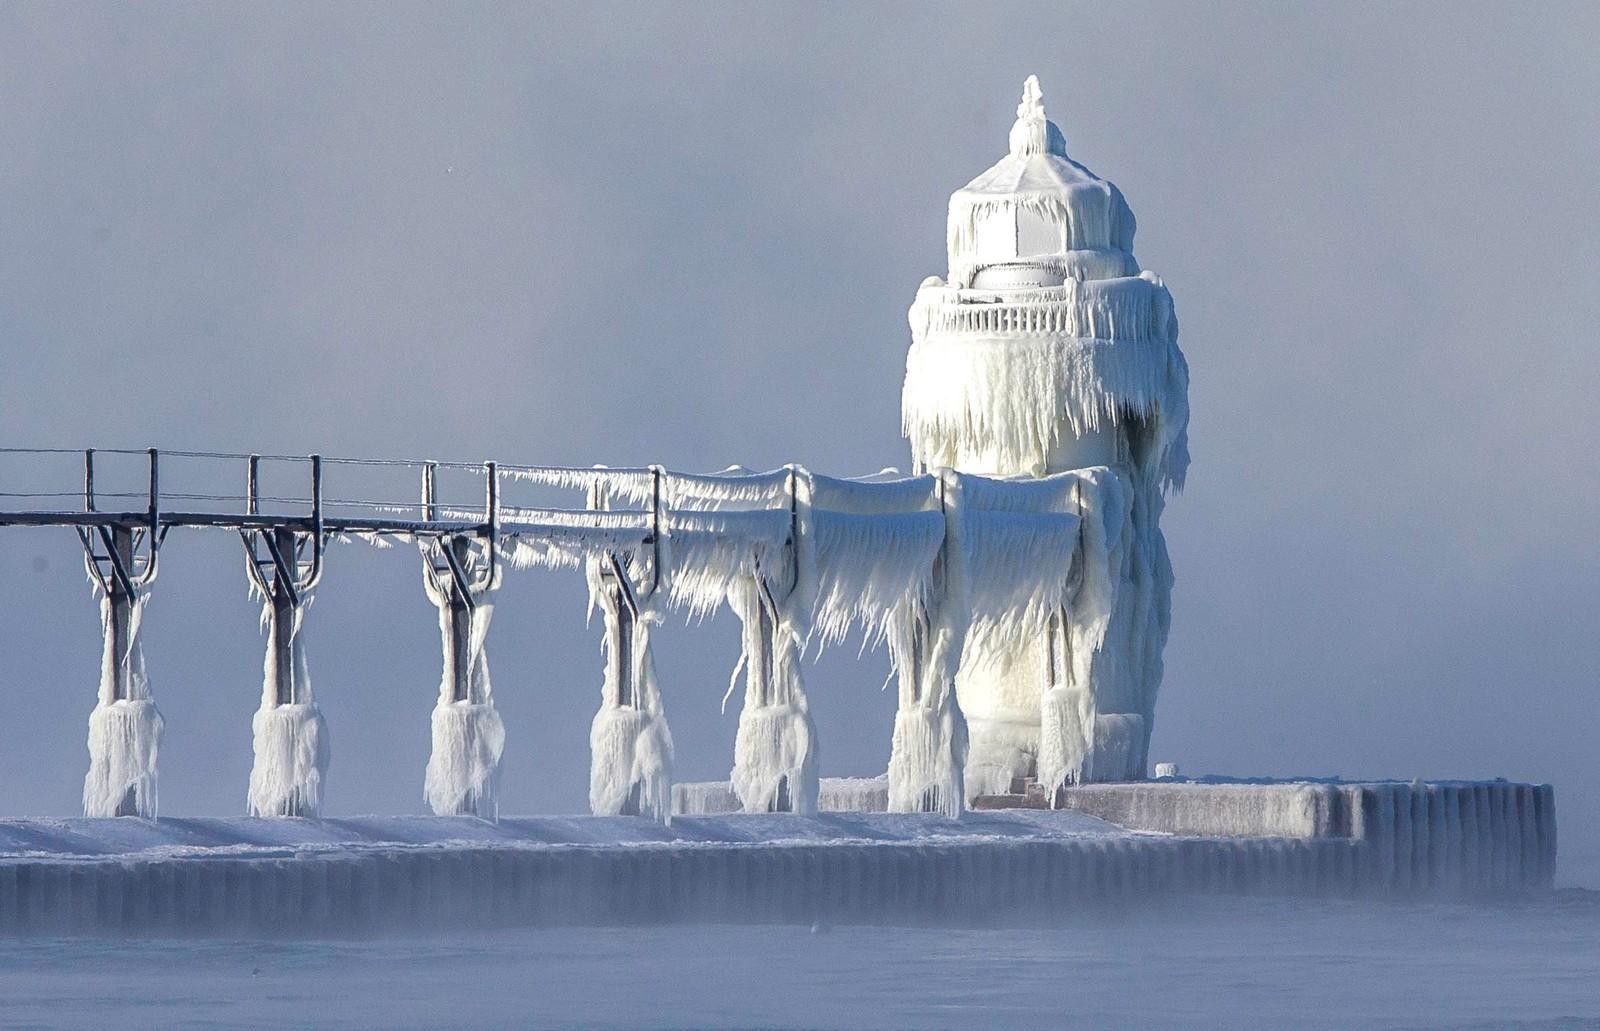 Bølger og en temperatur på mellom minus 25 og minus 30 kuldegrader har skapt et vakkert eventyrslott. Dette fyrhuset ligger i St. Joseph i Michigan i USA.